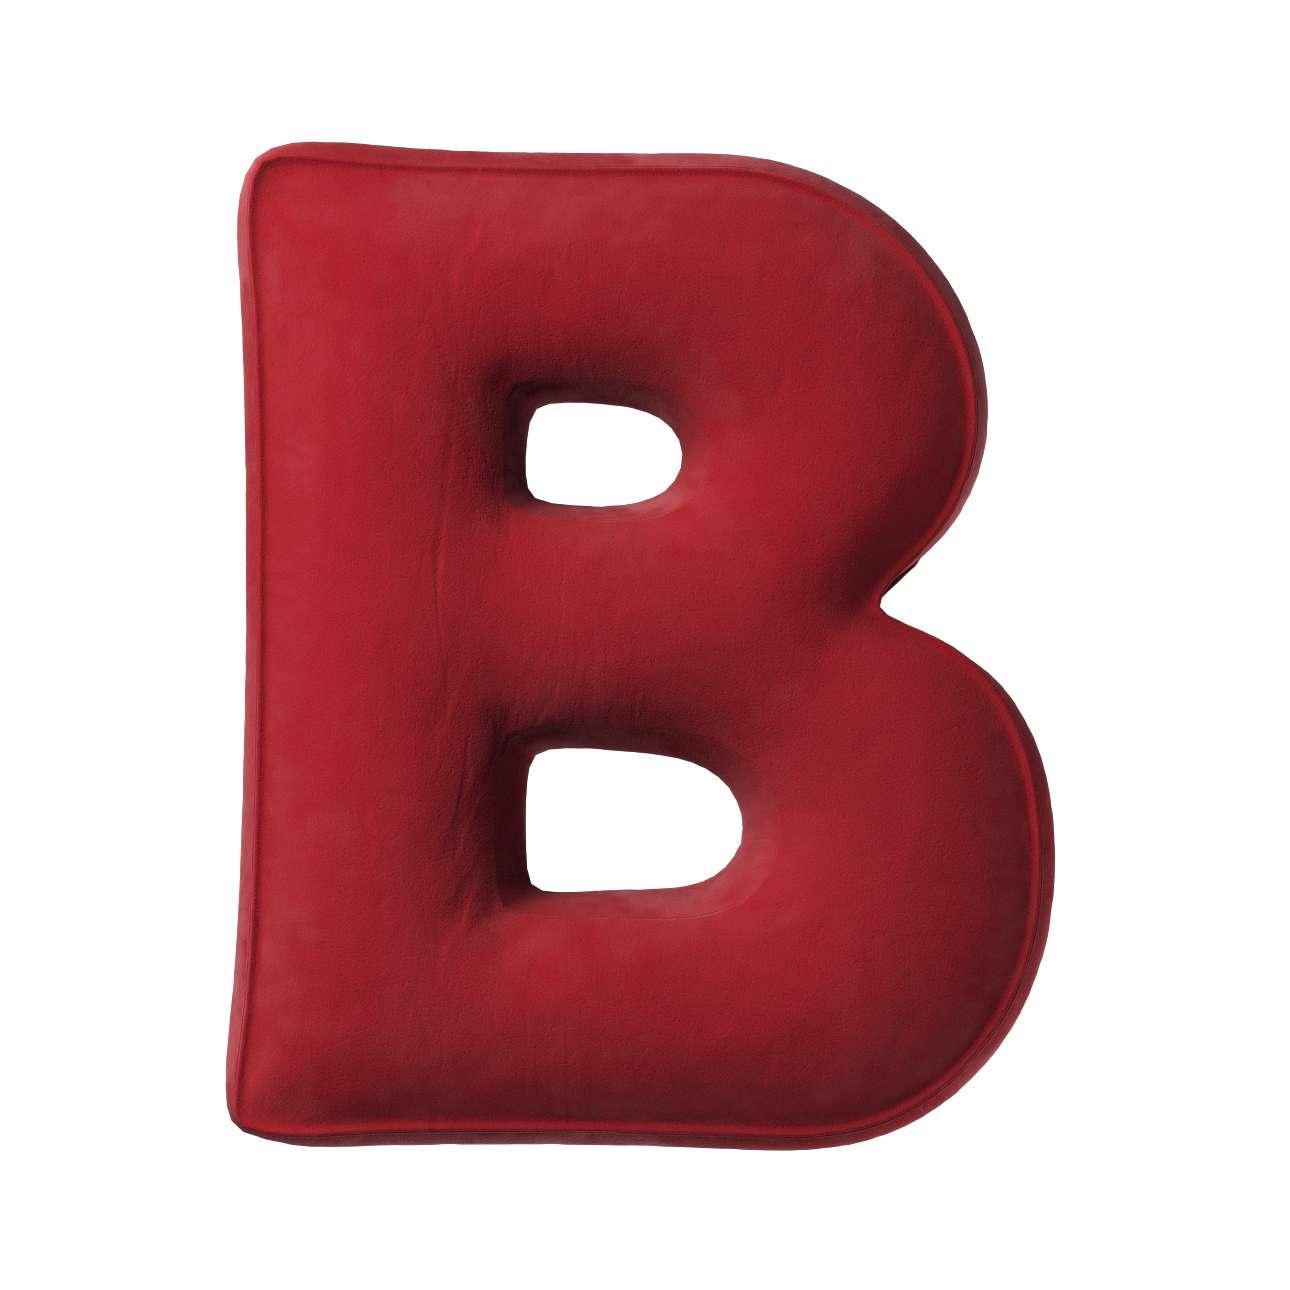 Buchstabenkissen B von der Kollektion Posh Velvet, Stoff: 704-15